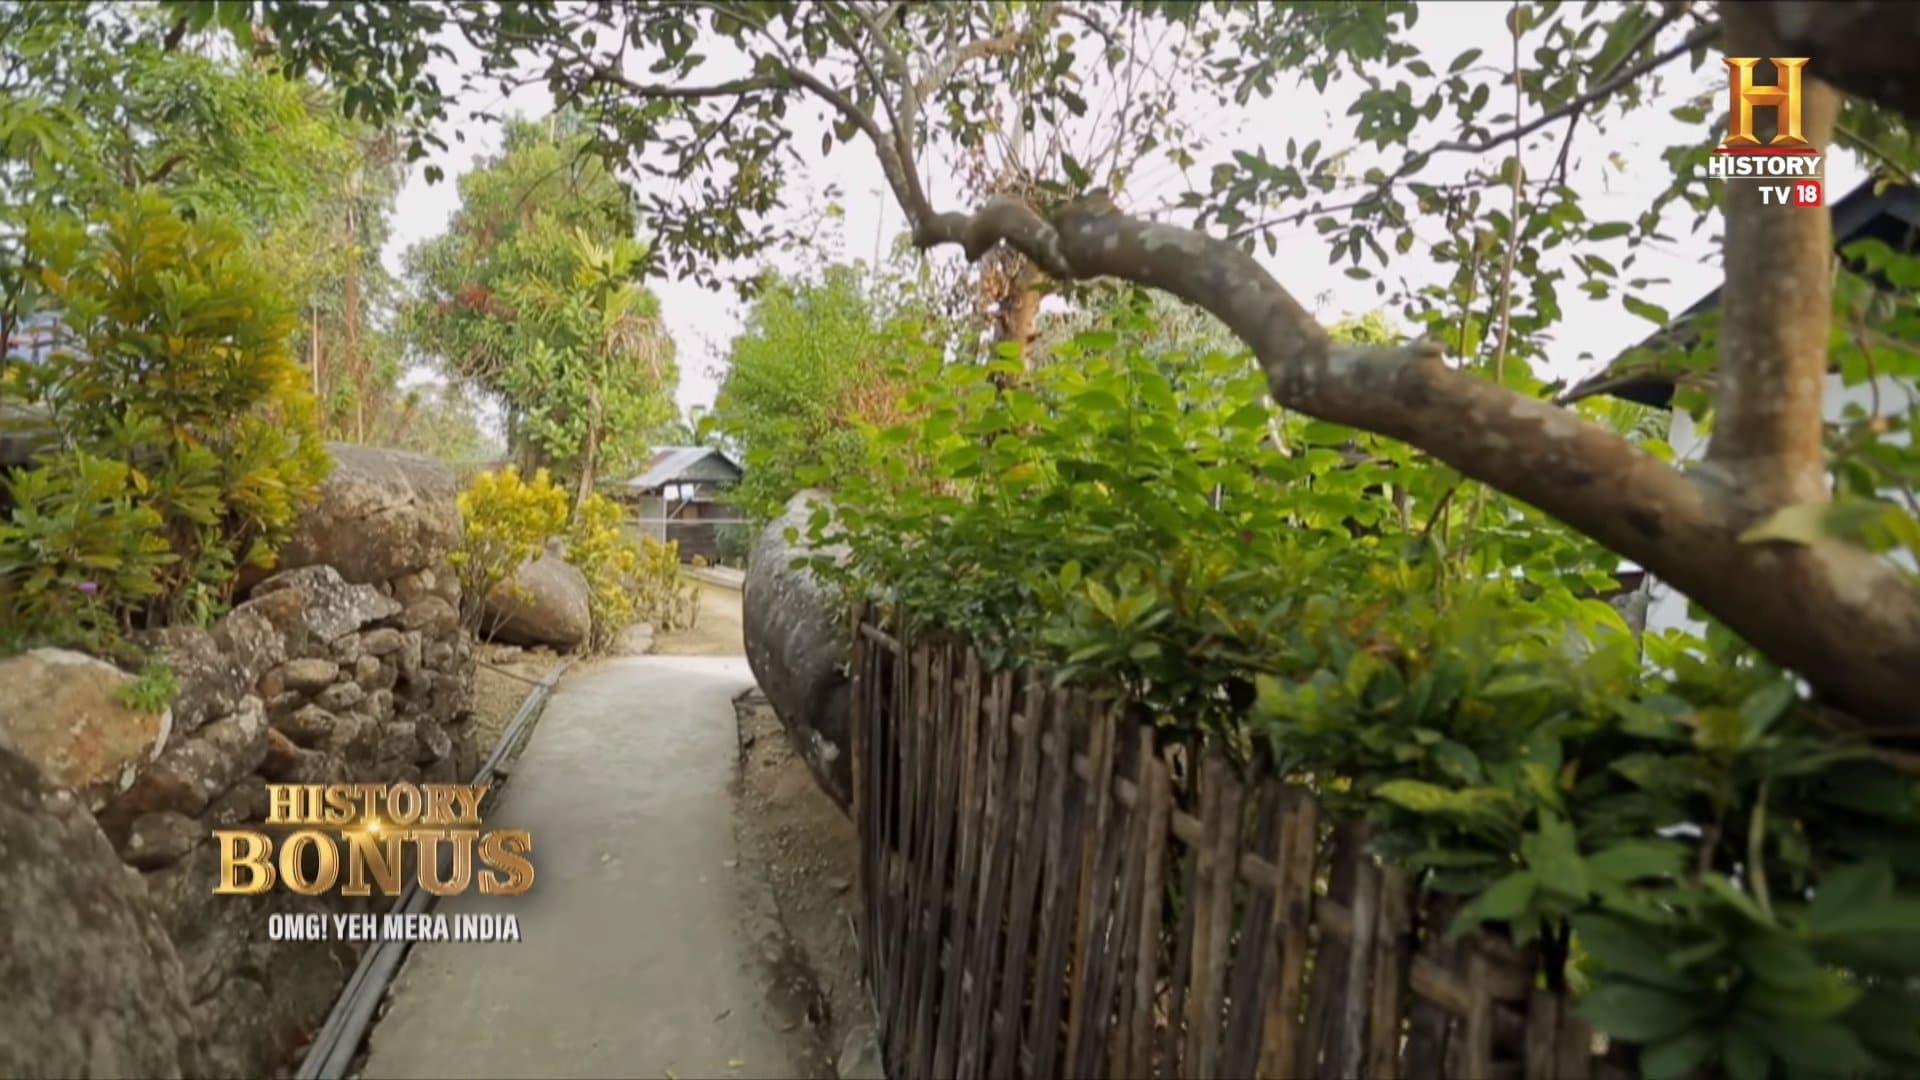 Ngôi làng sạch nhất Ấn Độ - Mawlynnong, giữ gìn vệ sinh